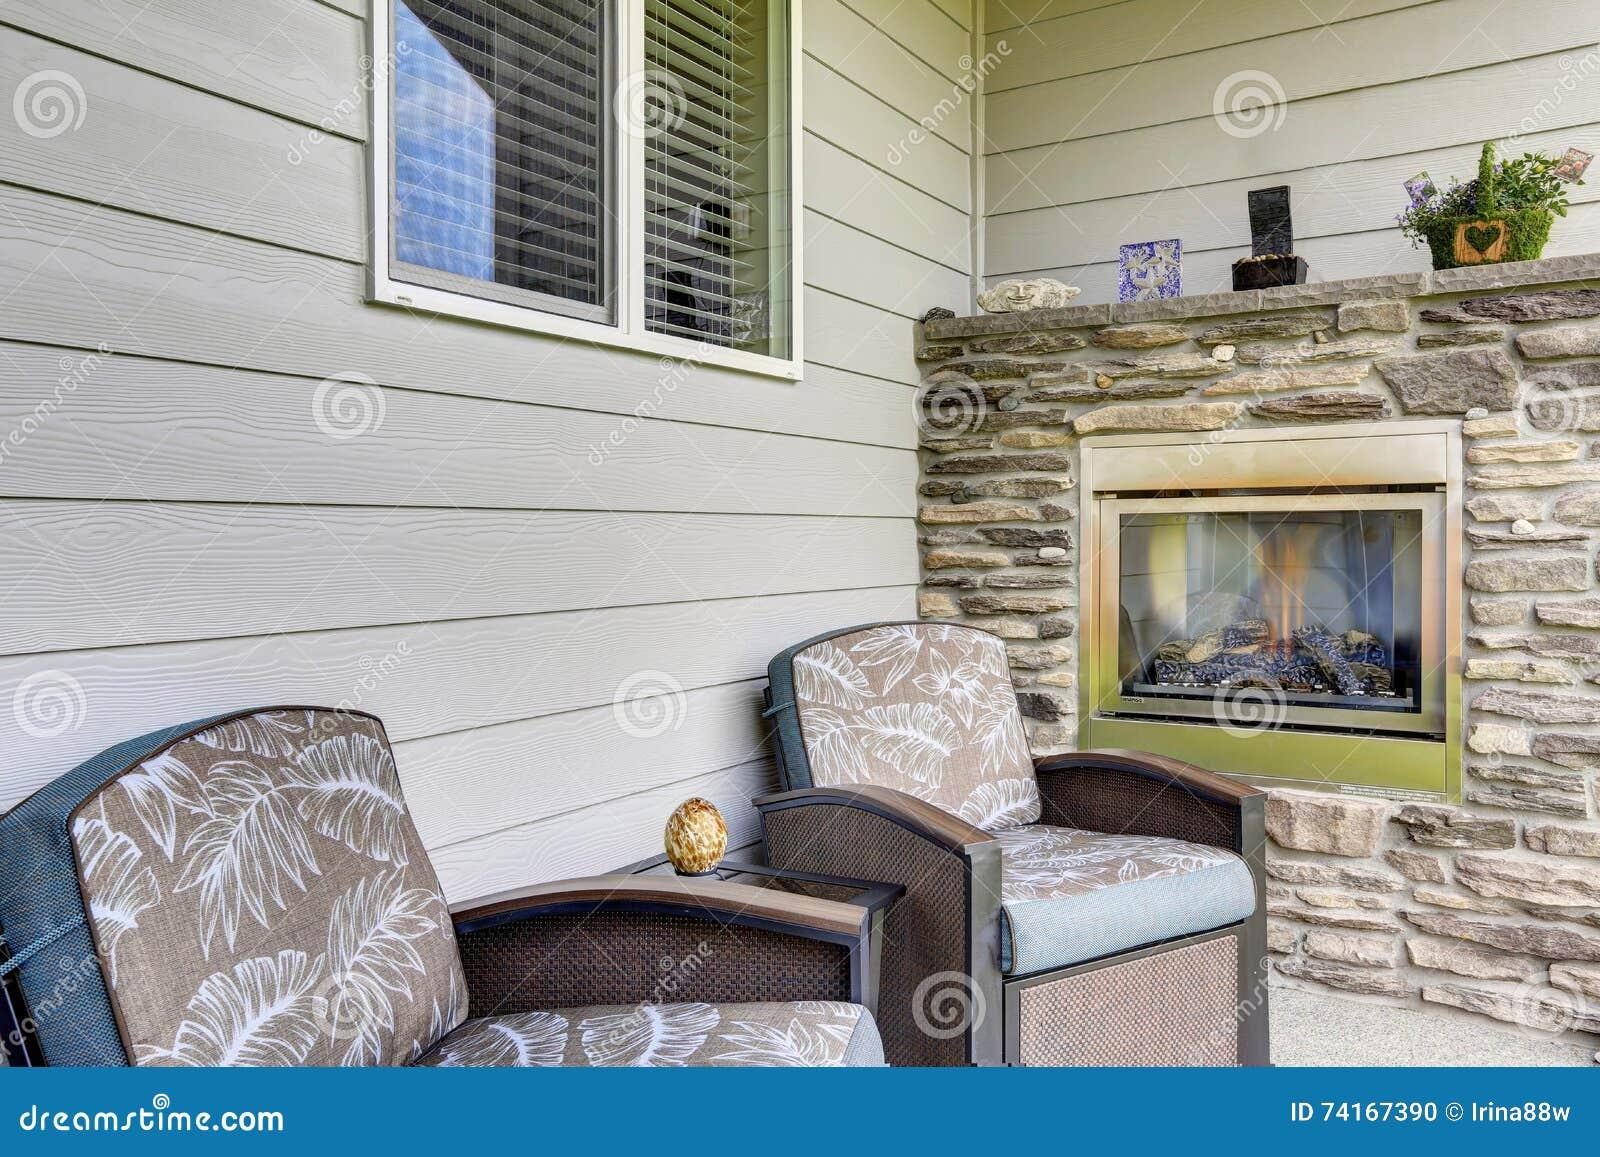 sala de estar acogedora con dos butacas y chimeneas cmodas con la decoracin de piedra natural